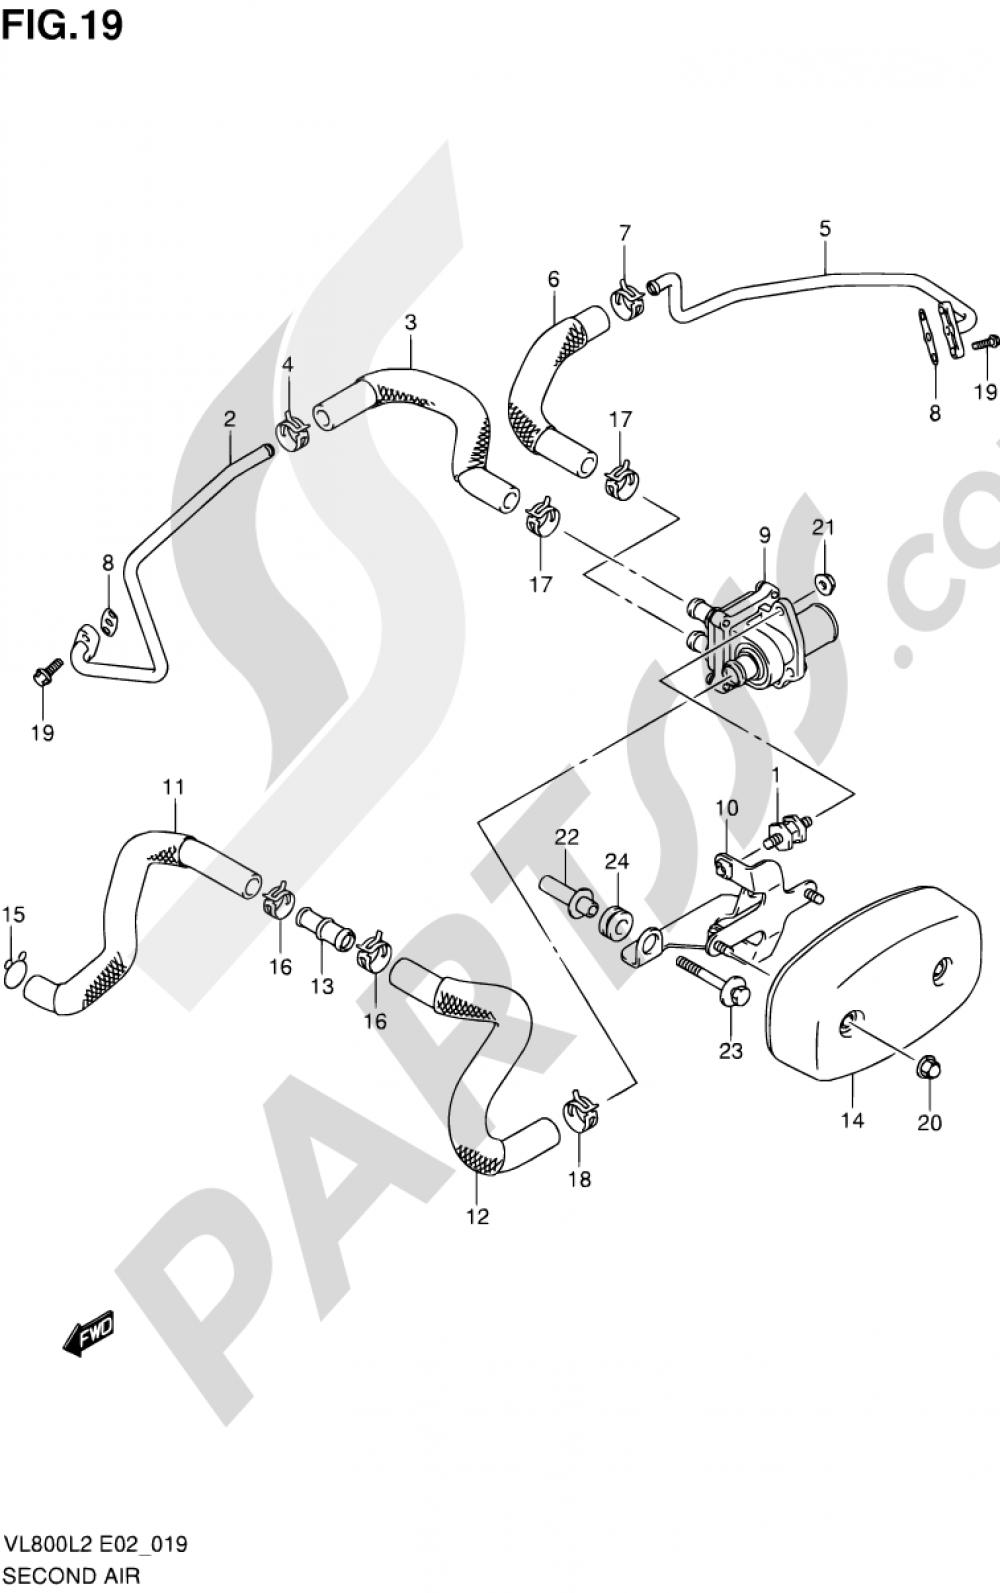 19 - SECOND AIR Suzuki INTRUDER VL800T 2012